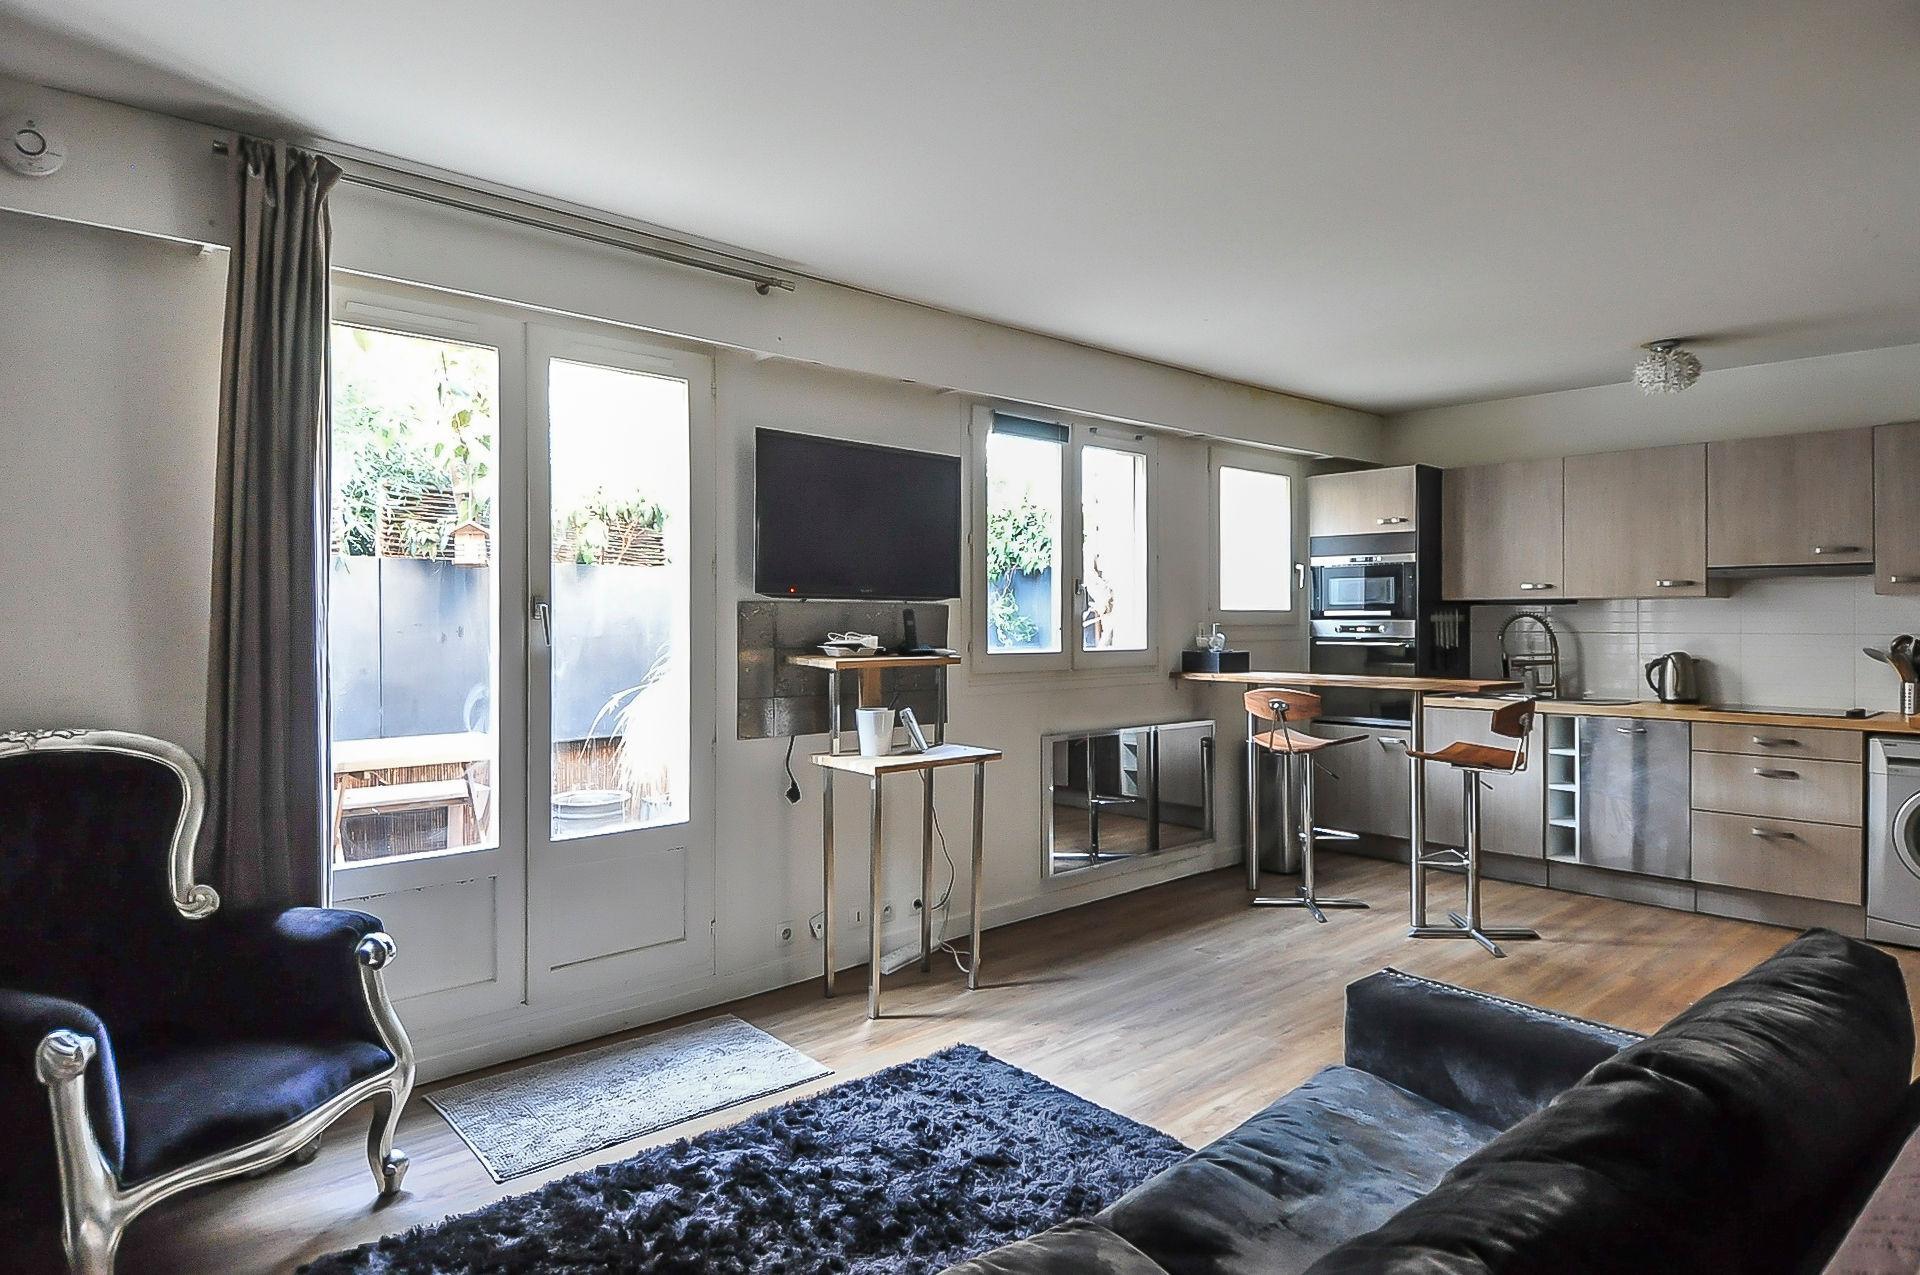 Boulogne-Billancourt - Grand studio de 40m2 avec terrasse de 10m2 à vendre